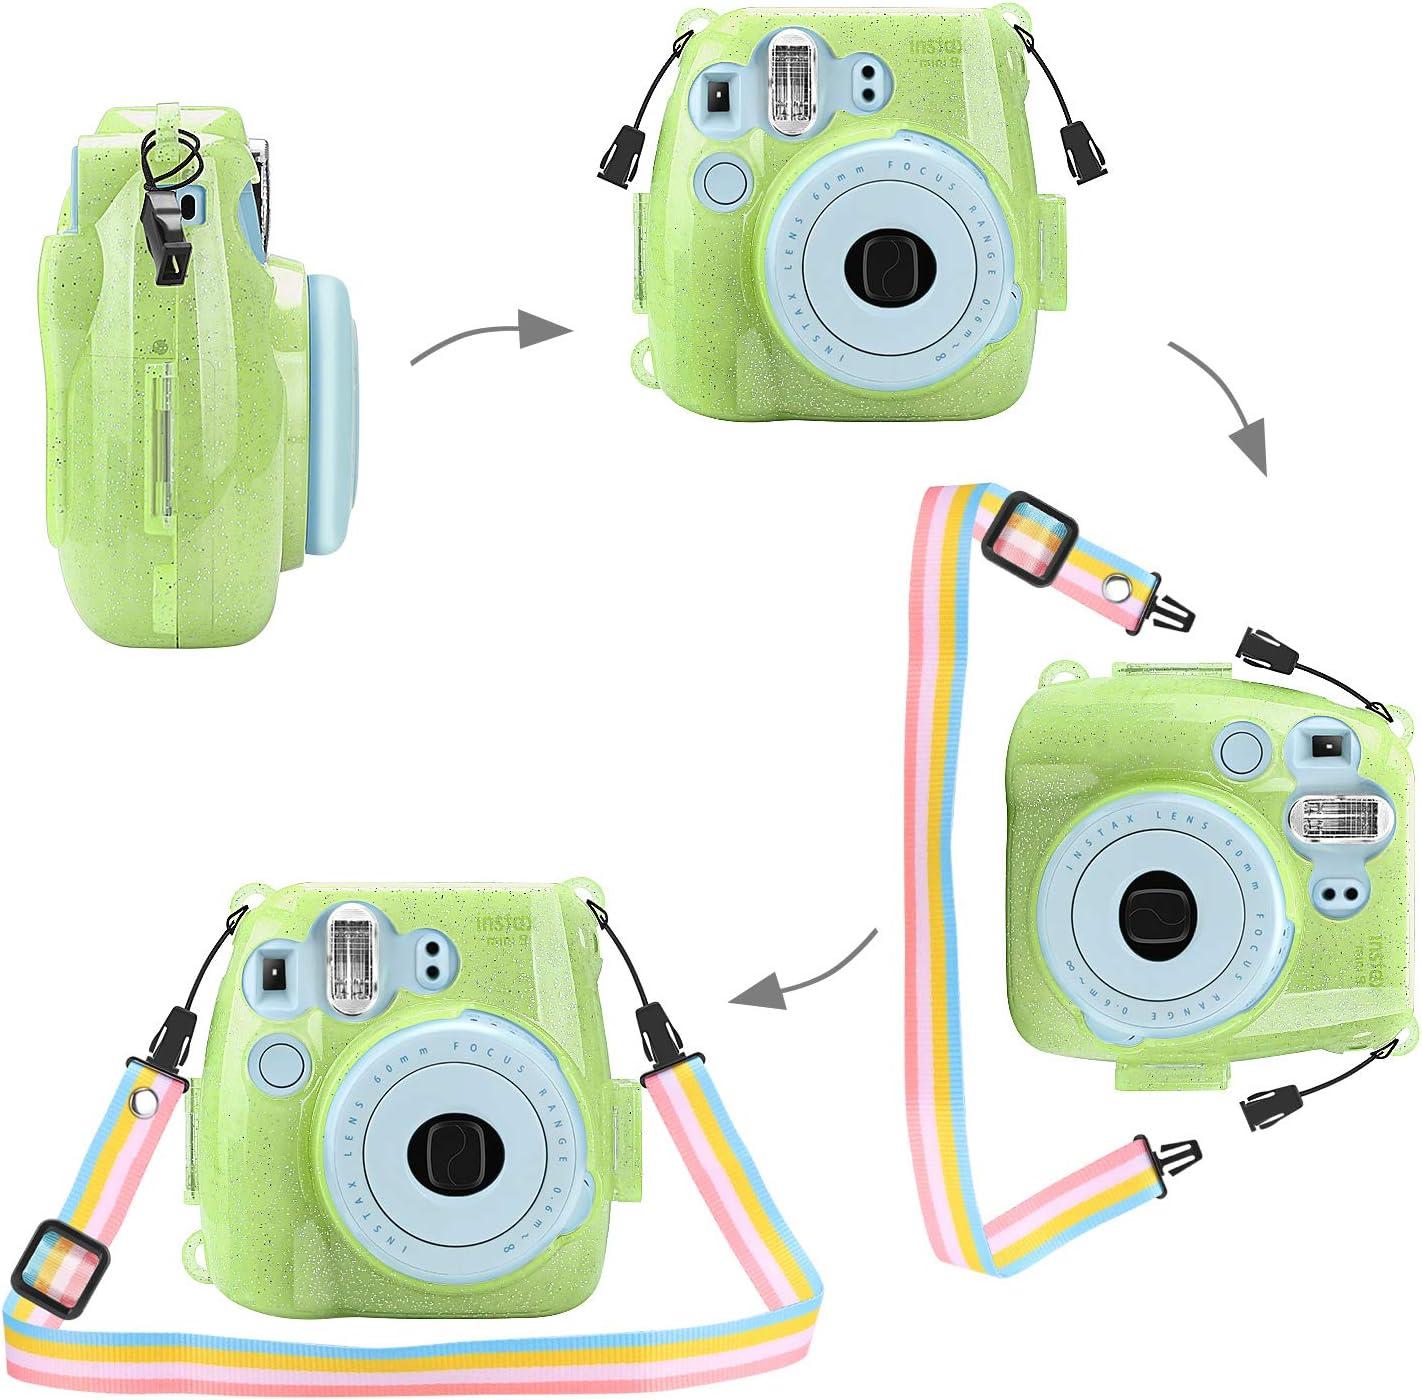 Turquoise FINTIE Protective Case for Fujifilm Instax Mini 9//Mini 8//Mini 8 Premium Vegan Leather Bag Cover with Removable Strap for Fujifilm Instax Mini 8 8+//Mini 9 Instant Camera